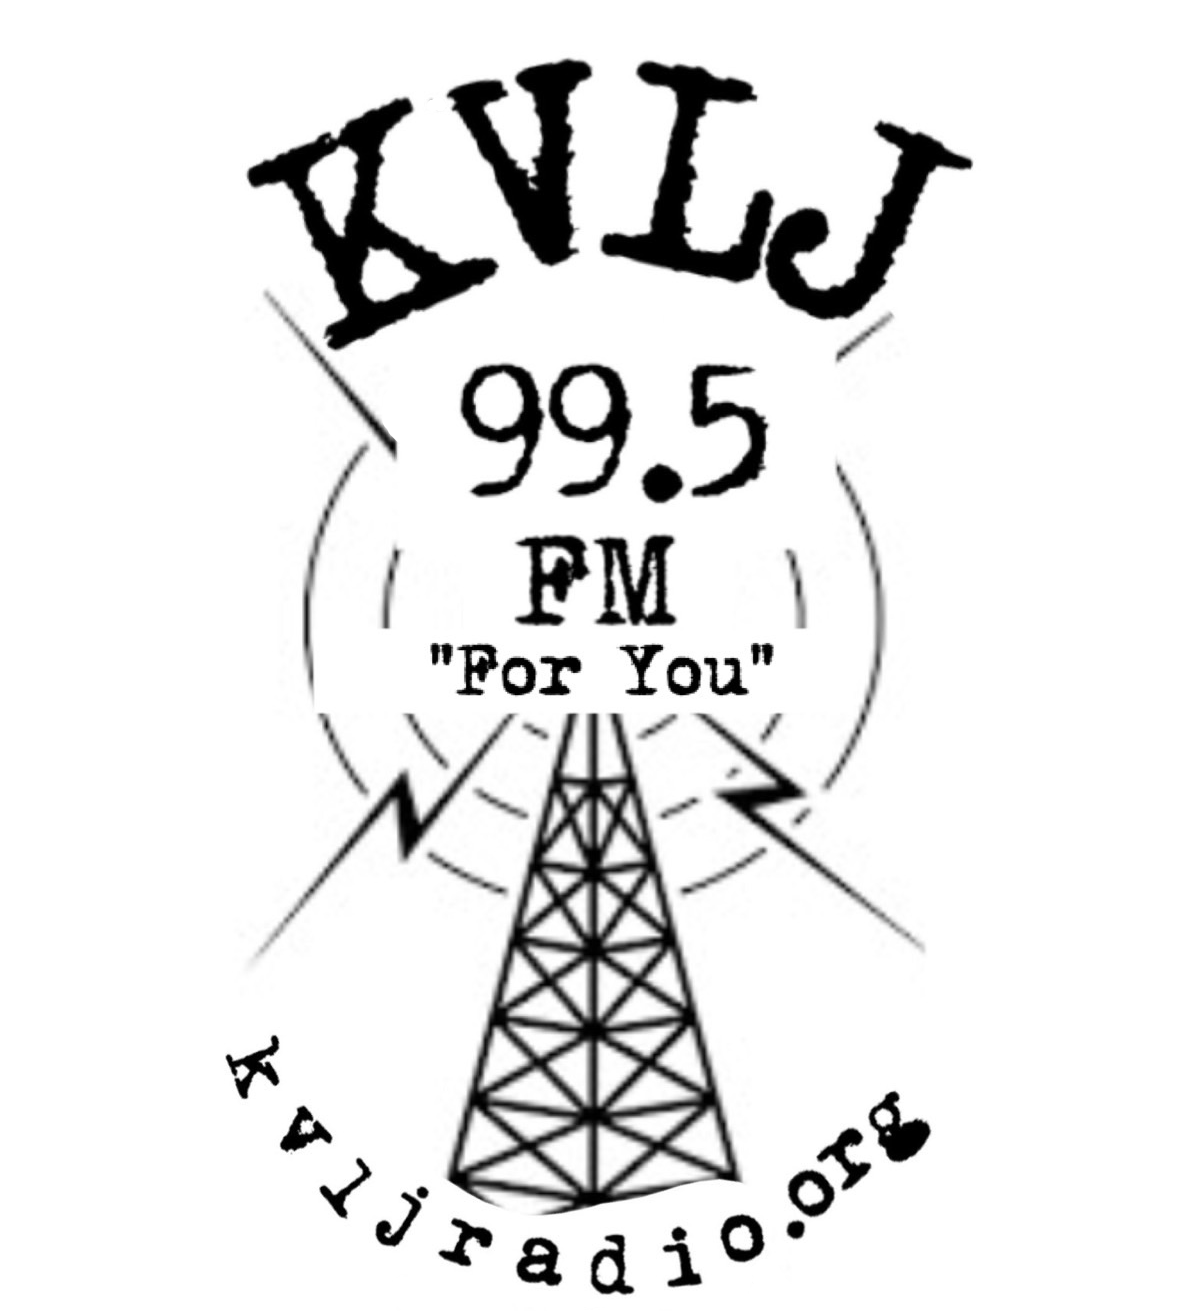 KVLJ 99.5 FM